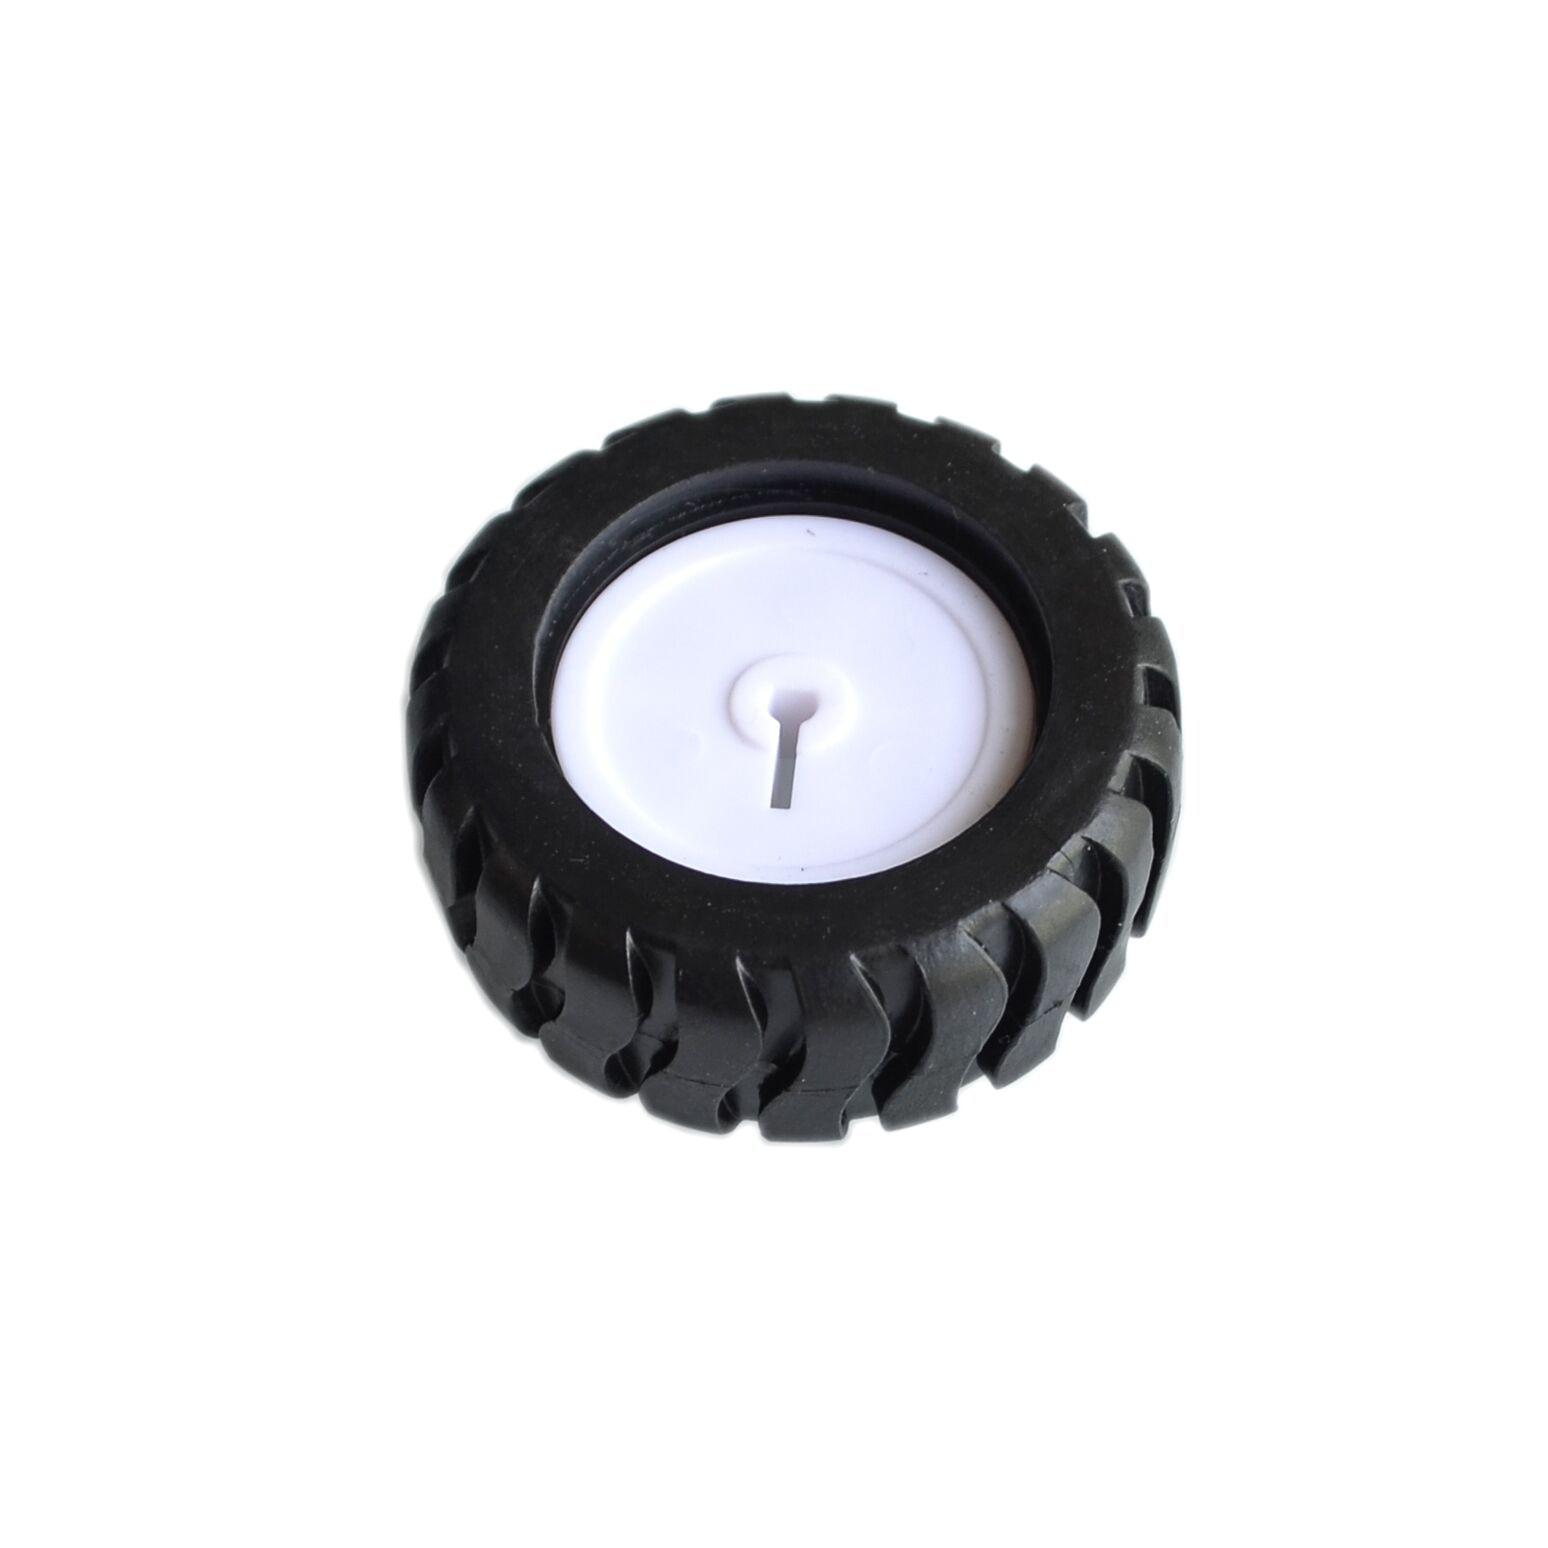 10PCS/LOT K346 43*19*3mm D-hole Rubber Wheel Suitable For N20 Motor D Shaft Tire Car Robot DIY Toys Parts